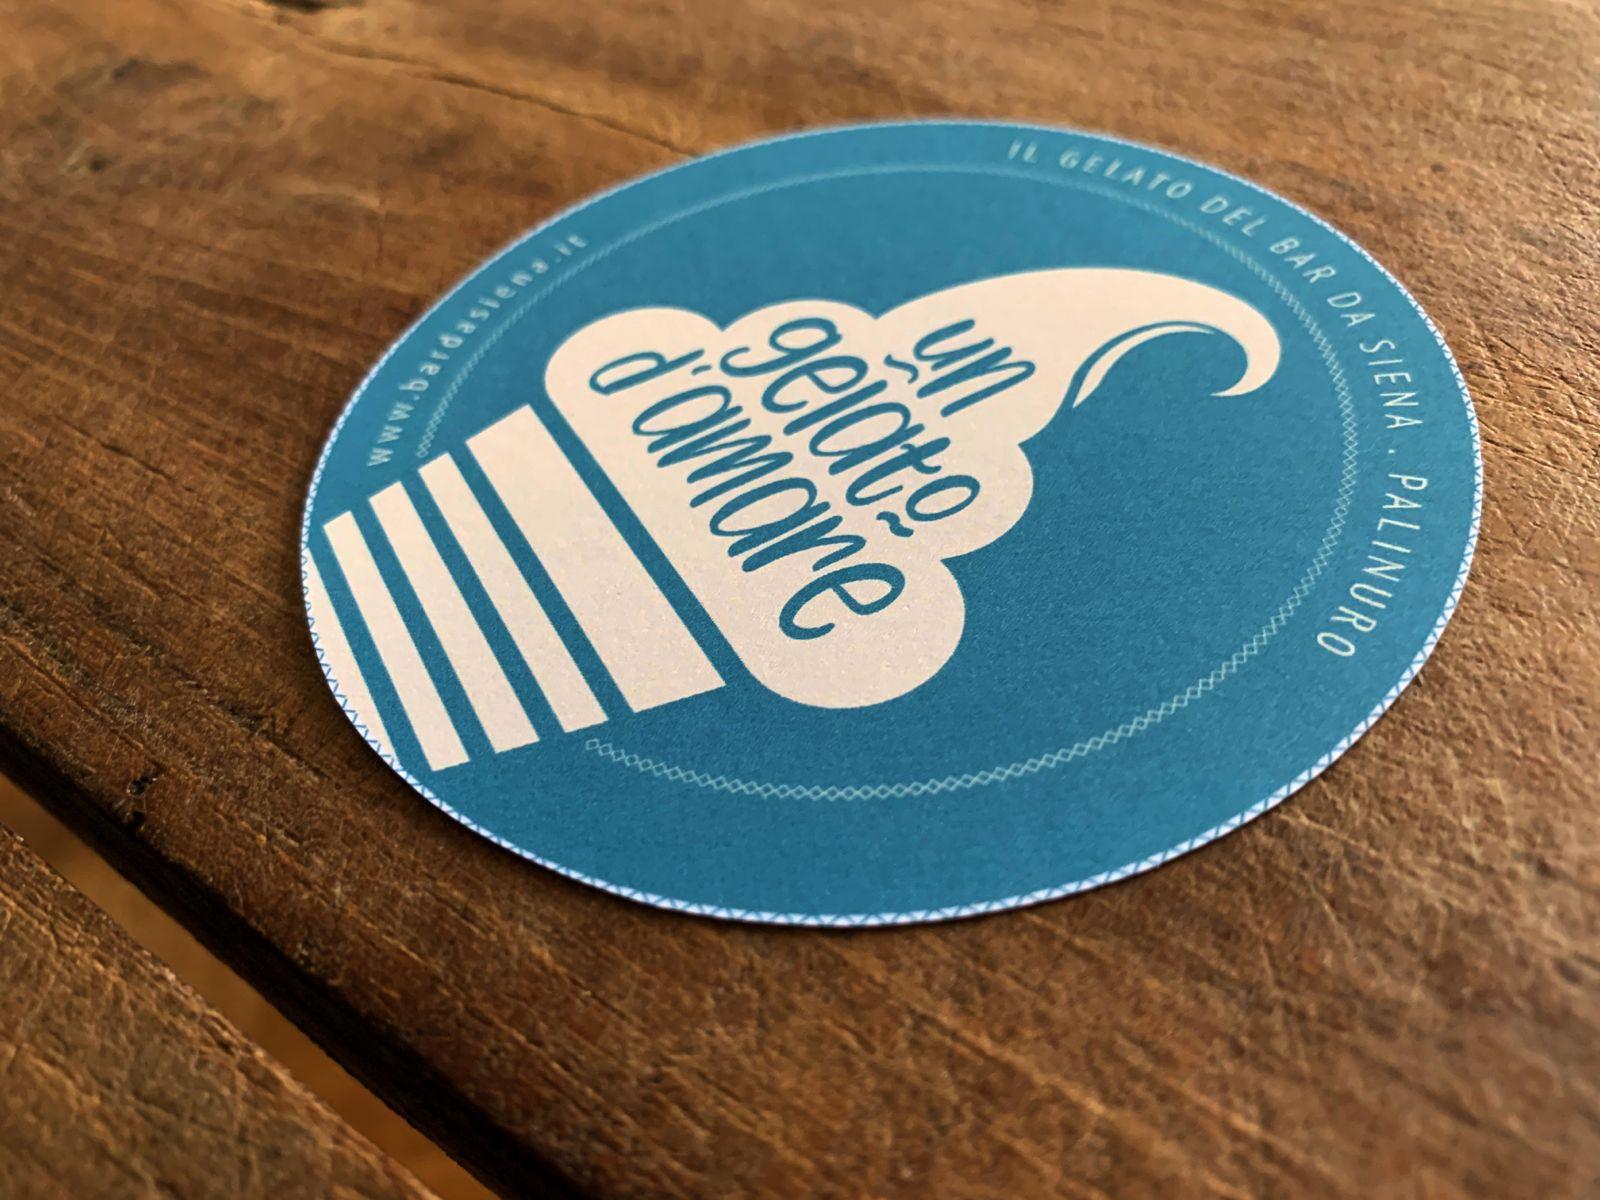 Sticker für die Bar da Siena | © fein fein